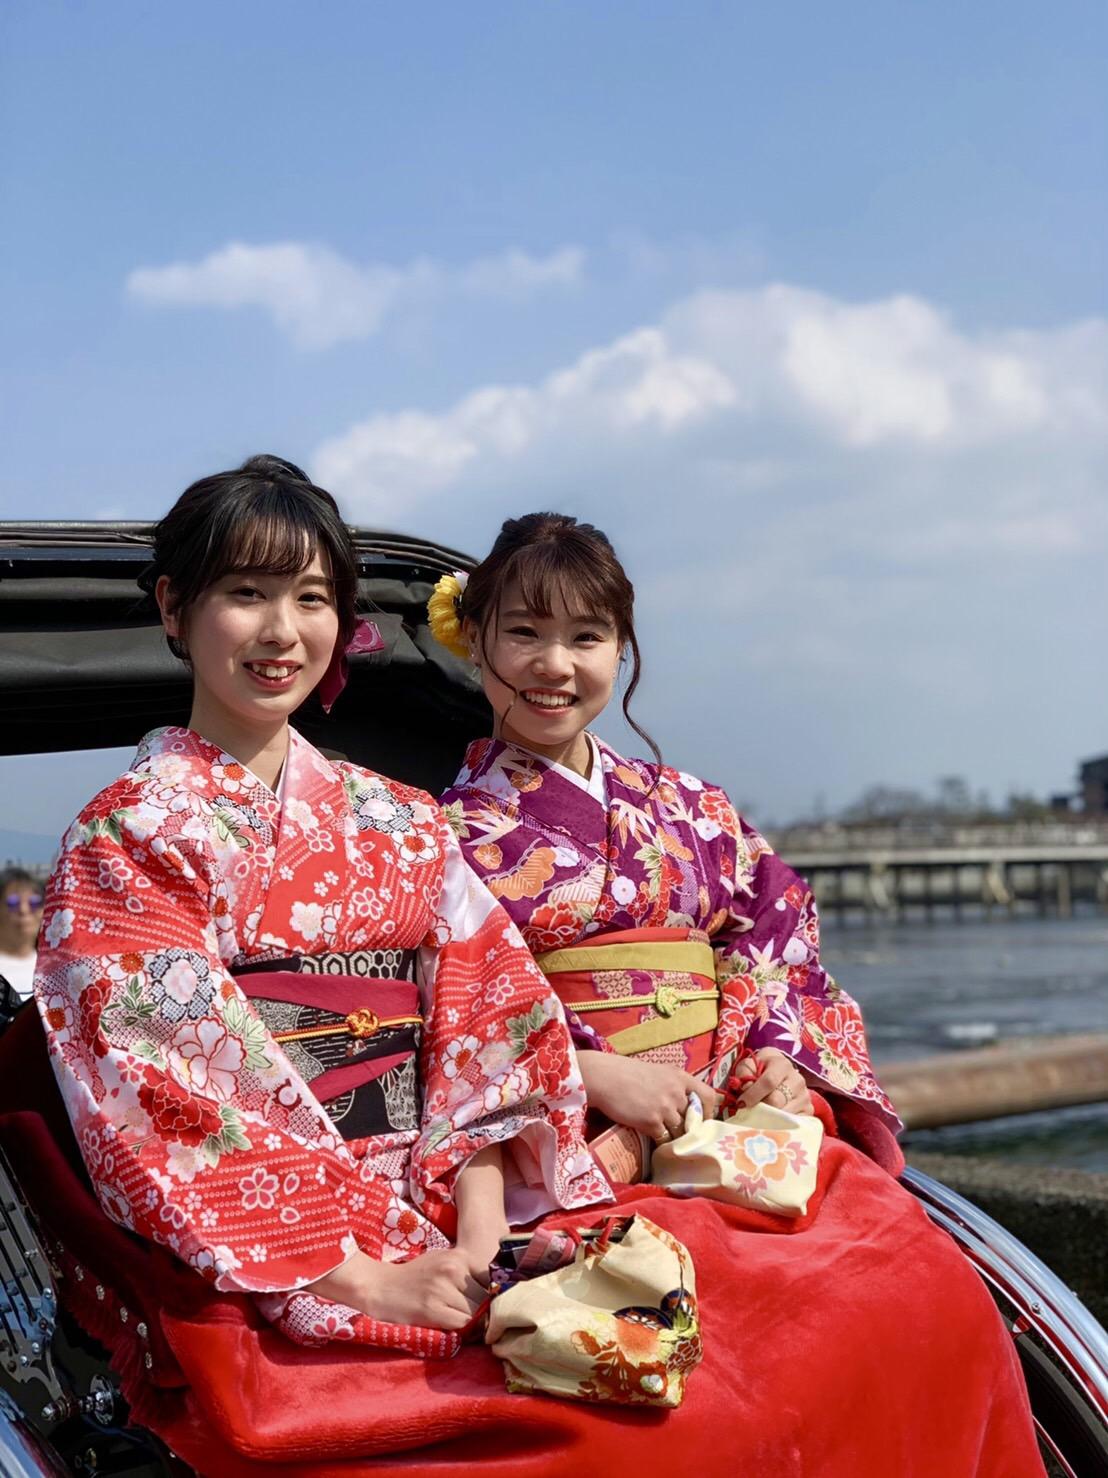 今日も京都御苑へお花見♡2019年3月26日19